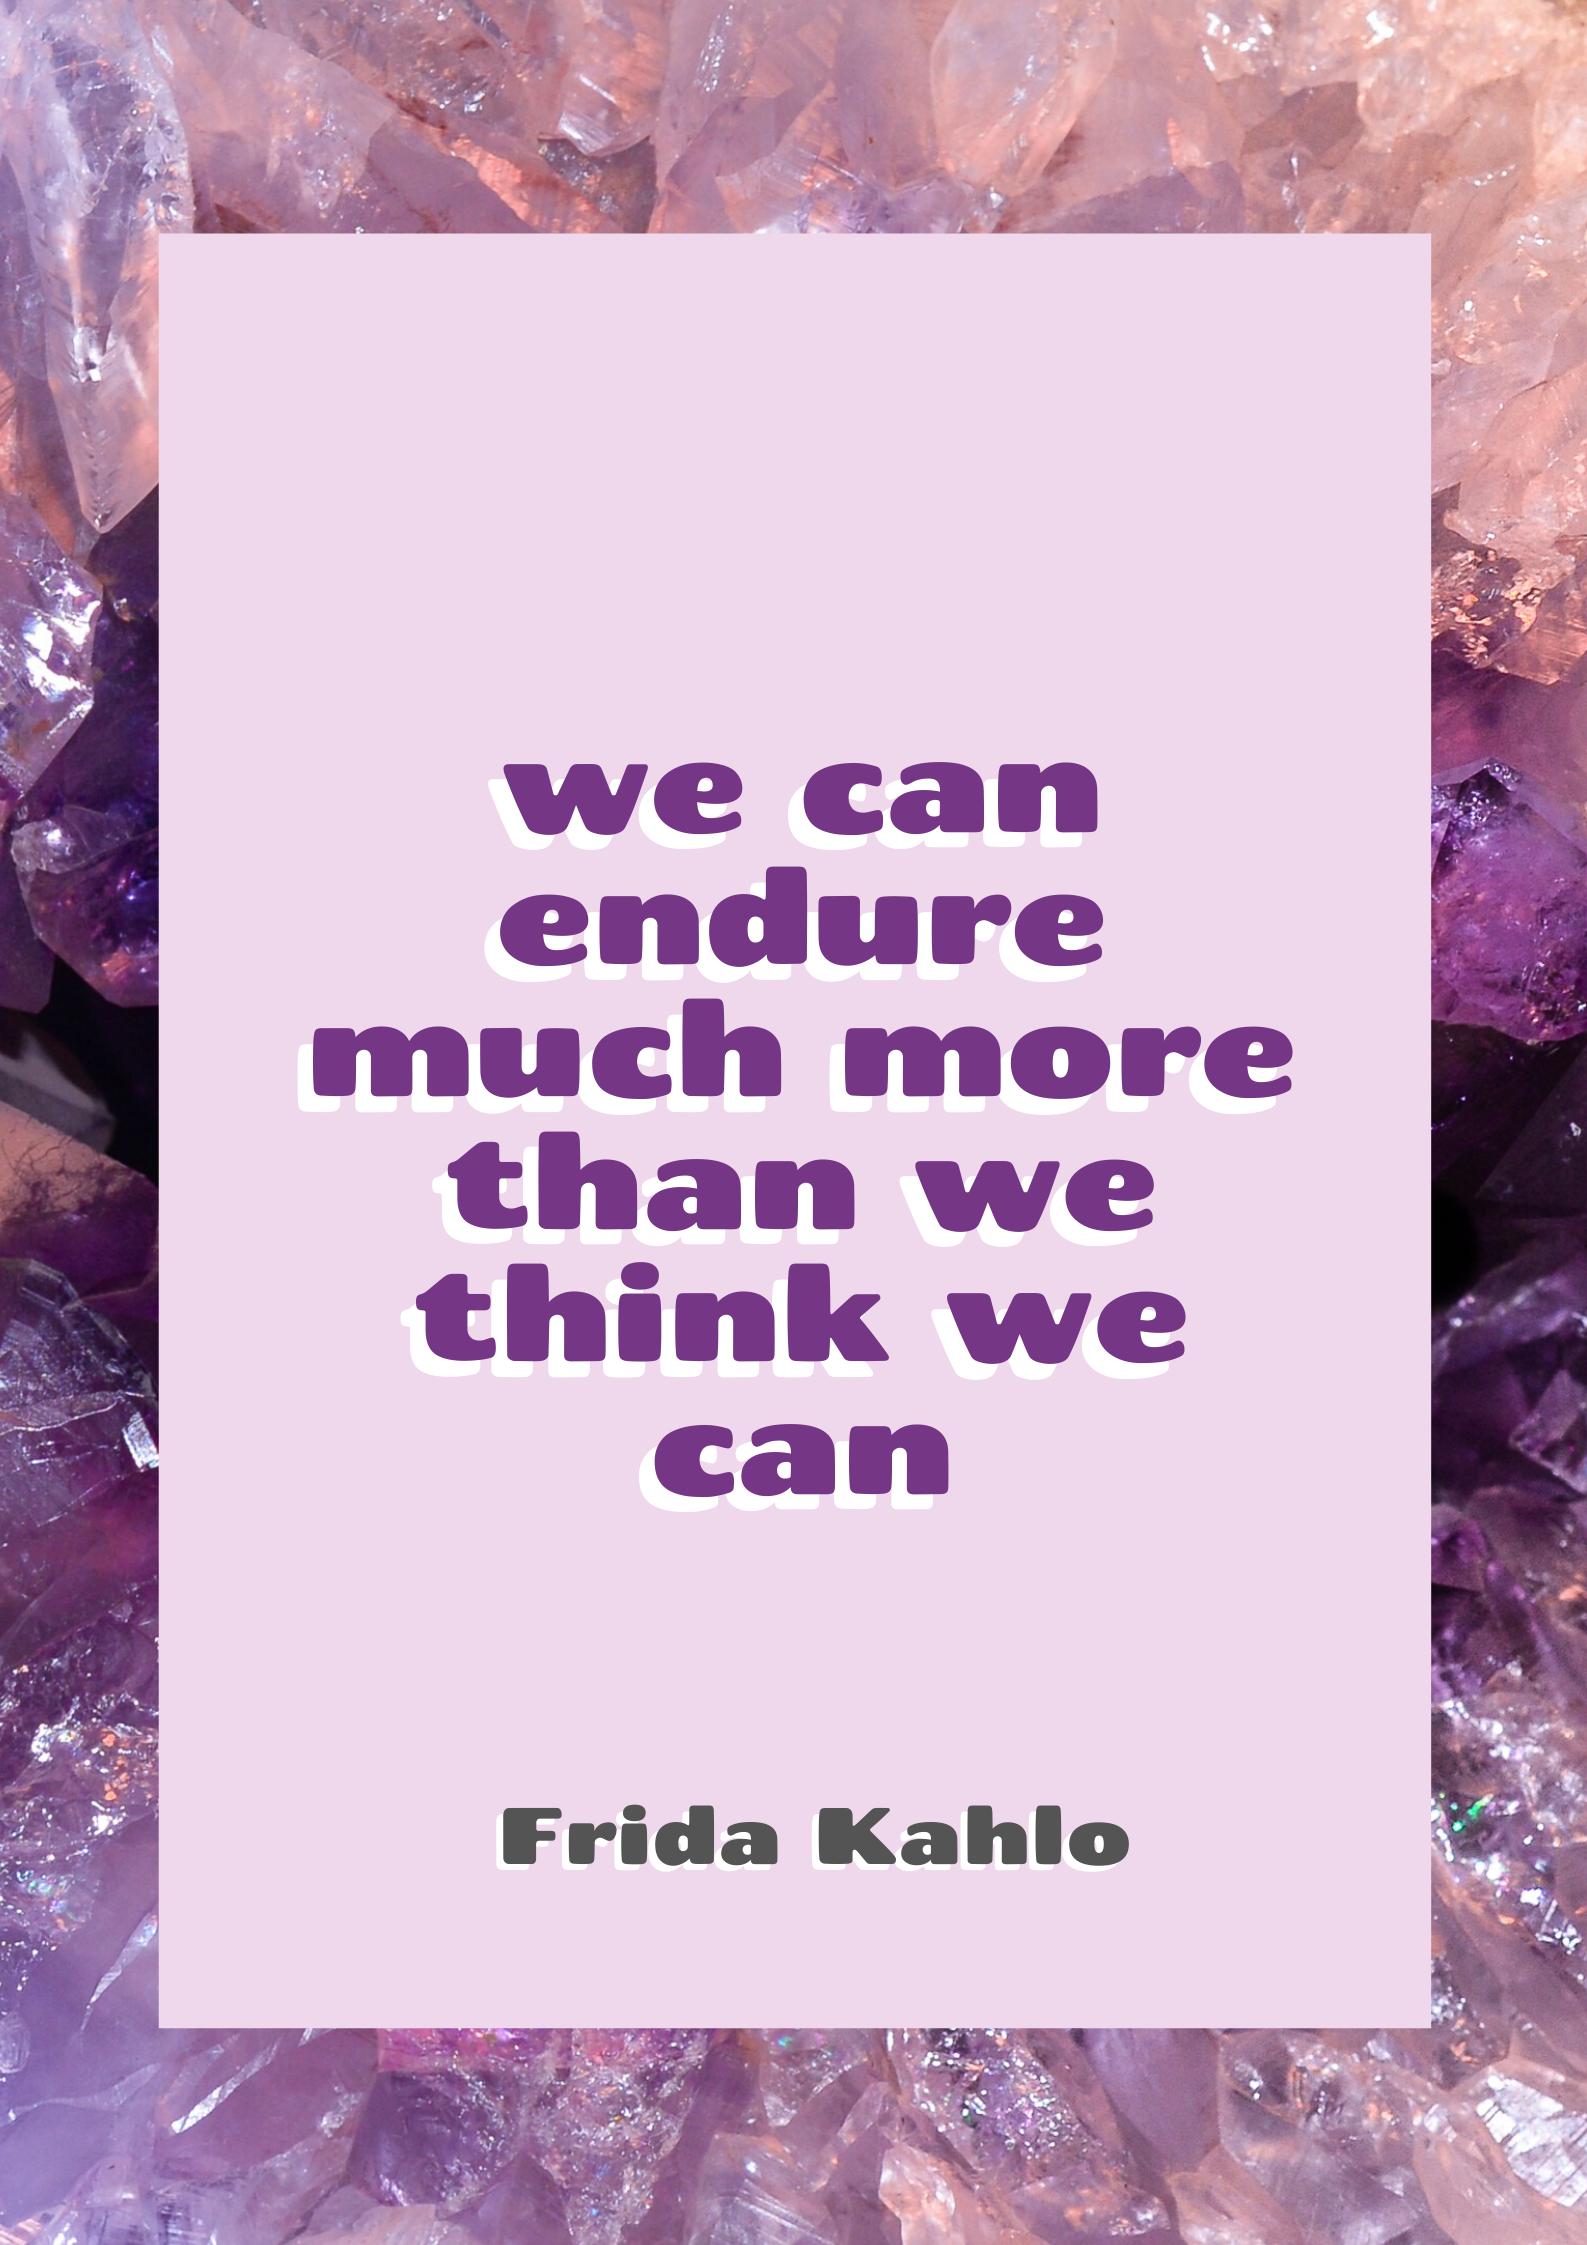 motivational quotes inspirational women frida kahlo